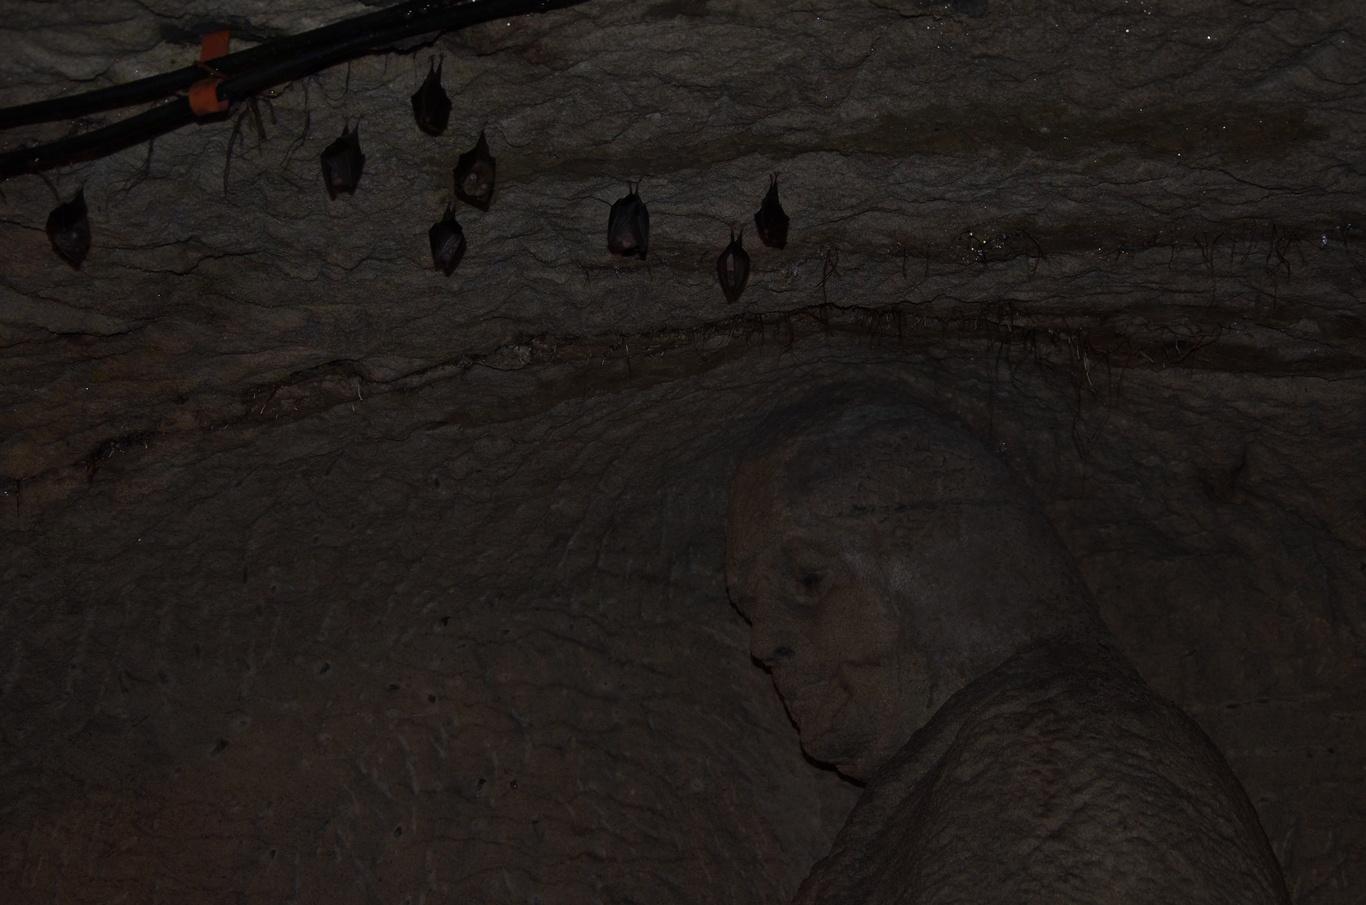 Jeskyně blanických rytířů, Rudka